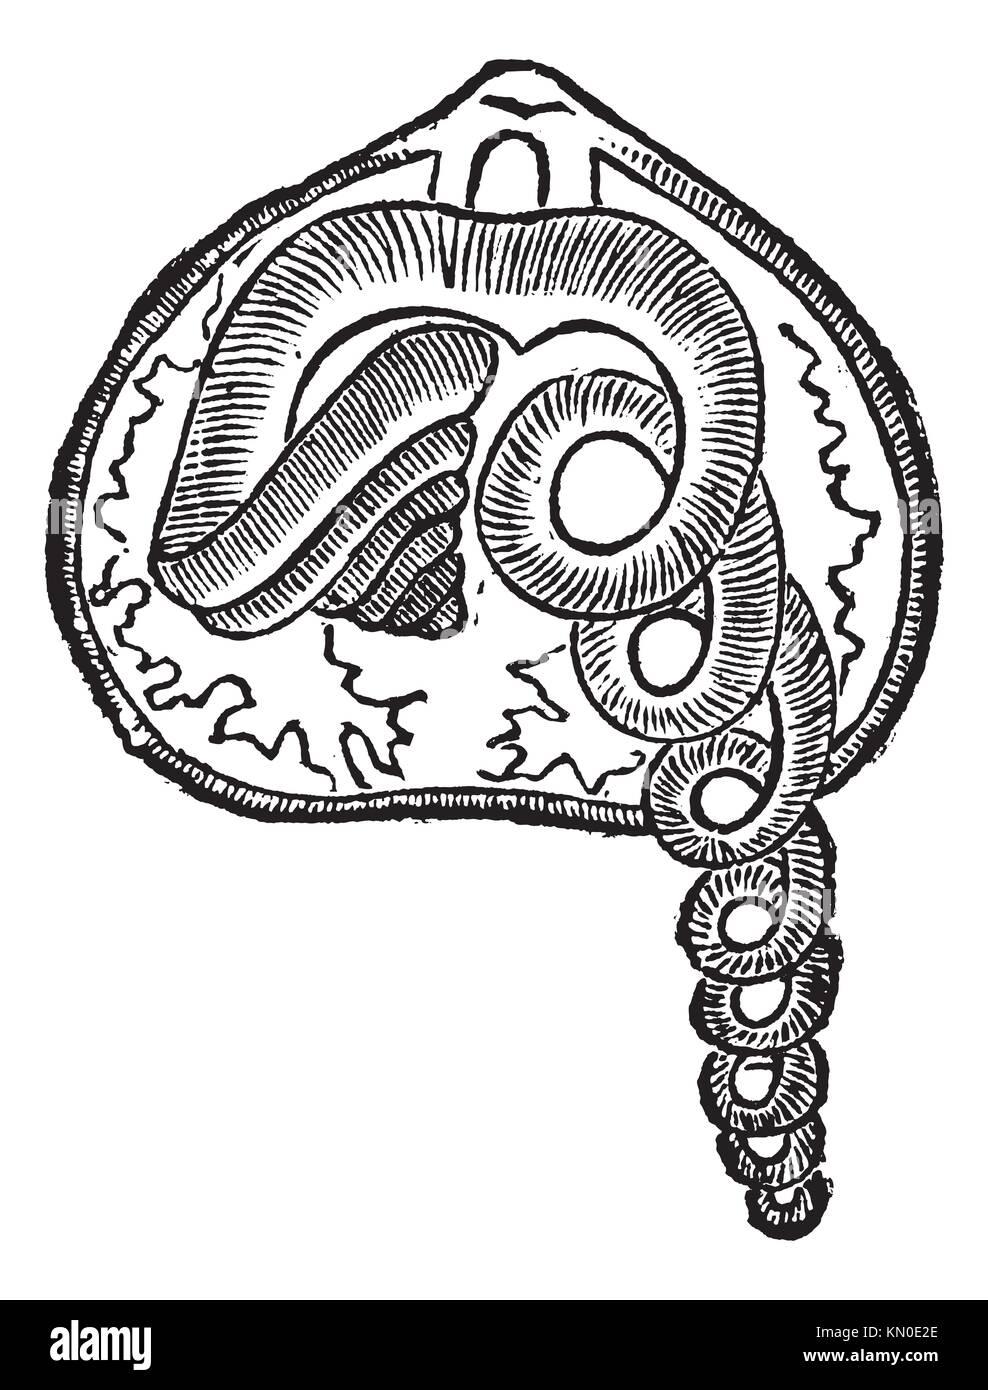 Brachiopod, Marine, Tier, Vintage eingravierten Abbildung: Brachiopod, Tier Stockbild